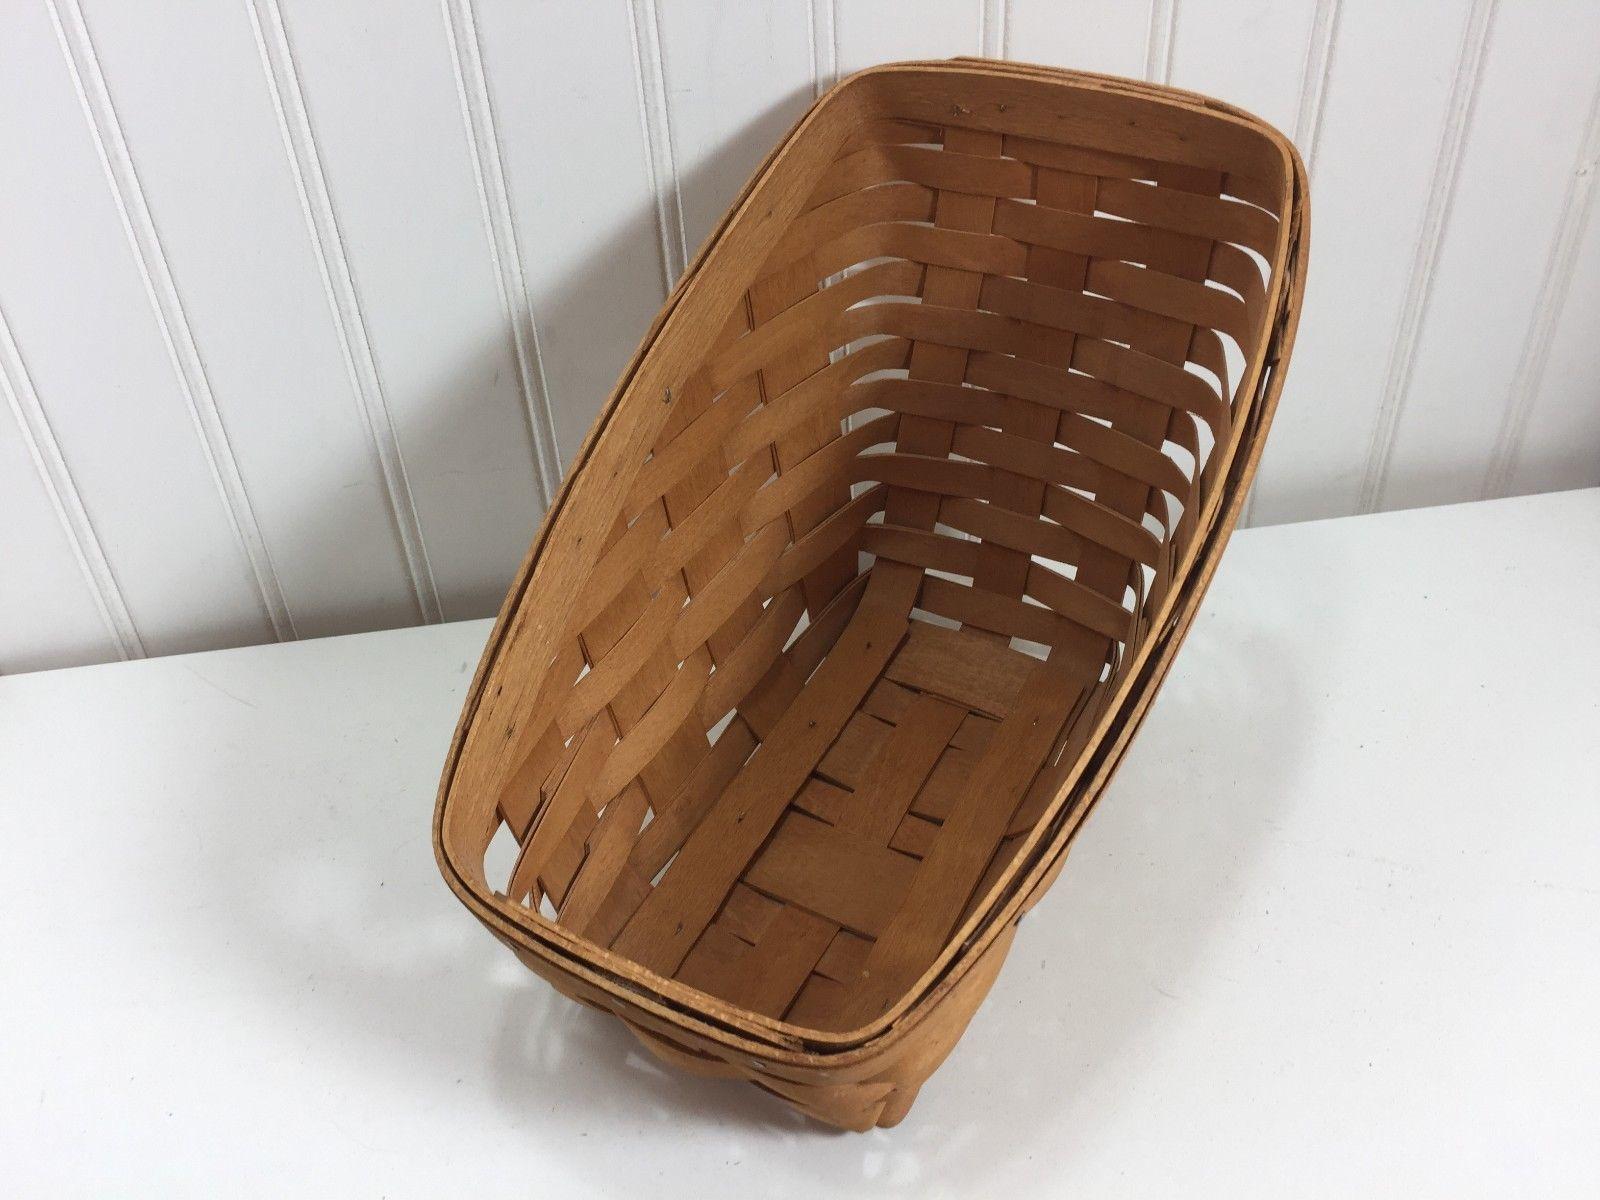 Vintage Longaberger Small Vegetable Basket 24006 1993